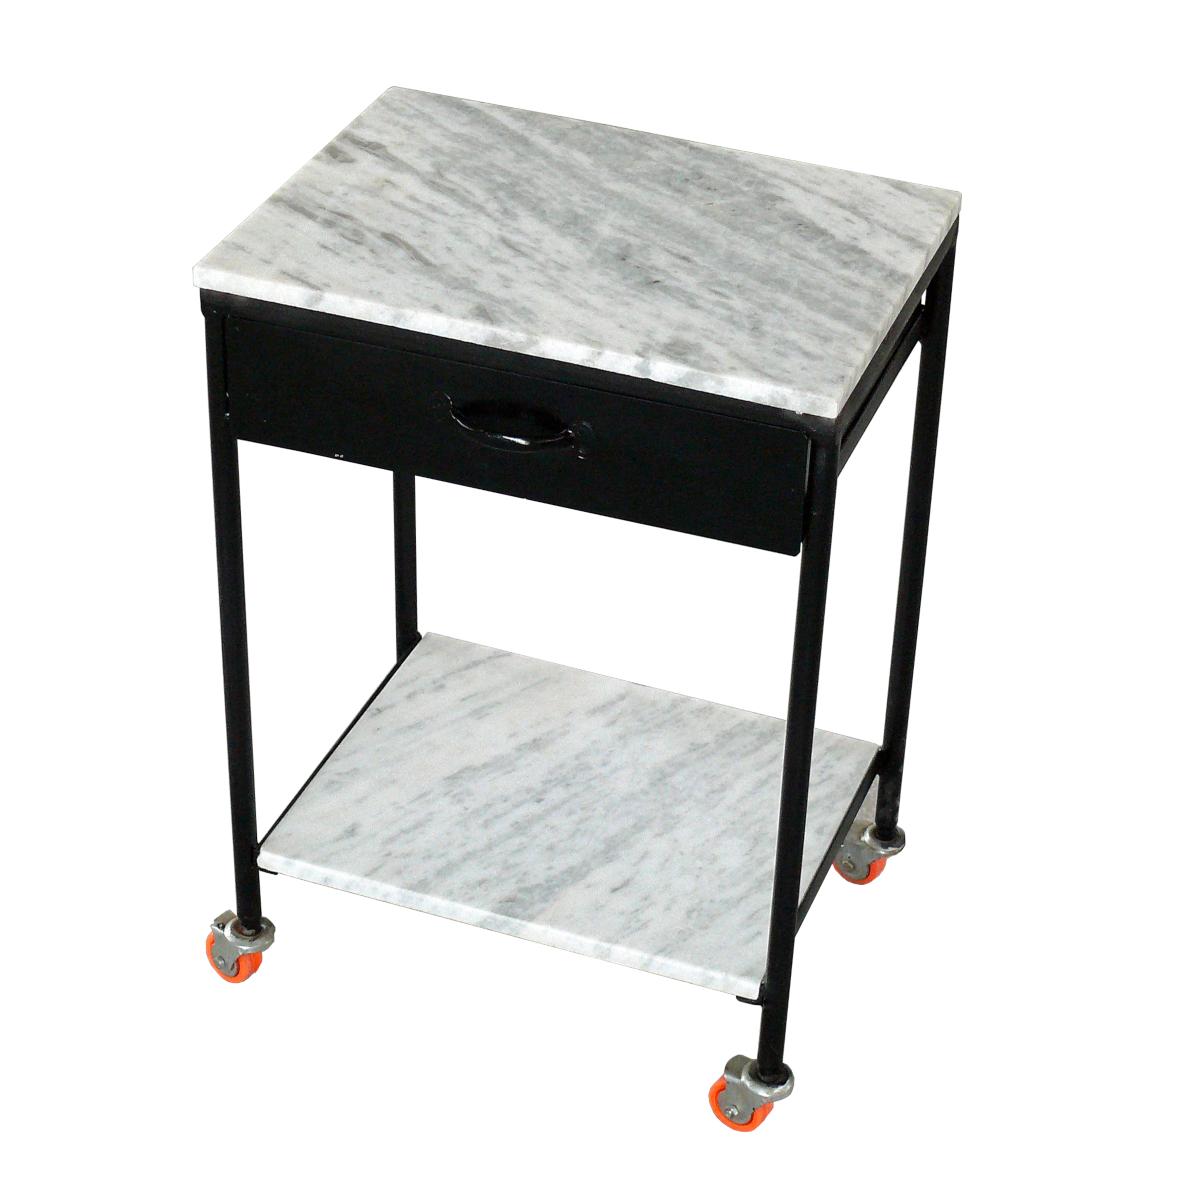 Beistelltisch auf Rollen, Schublade und Marmorplatte